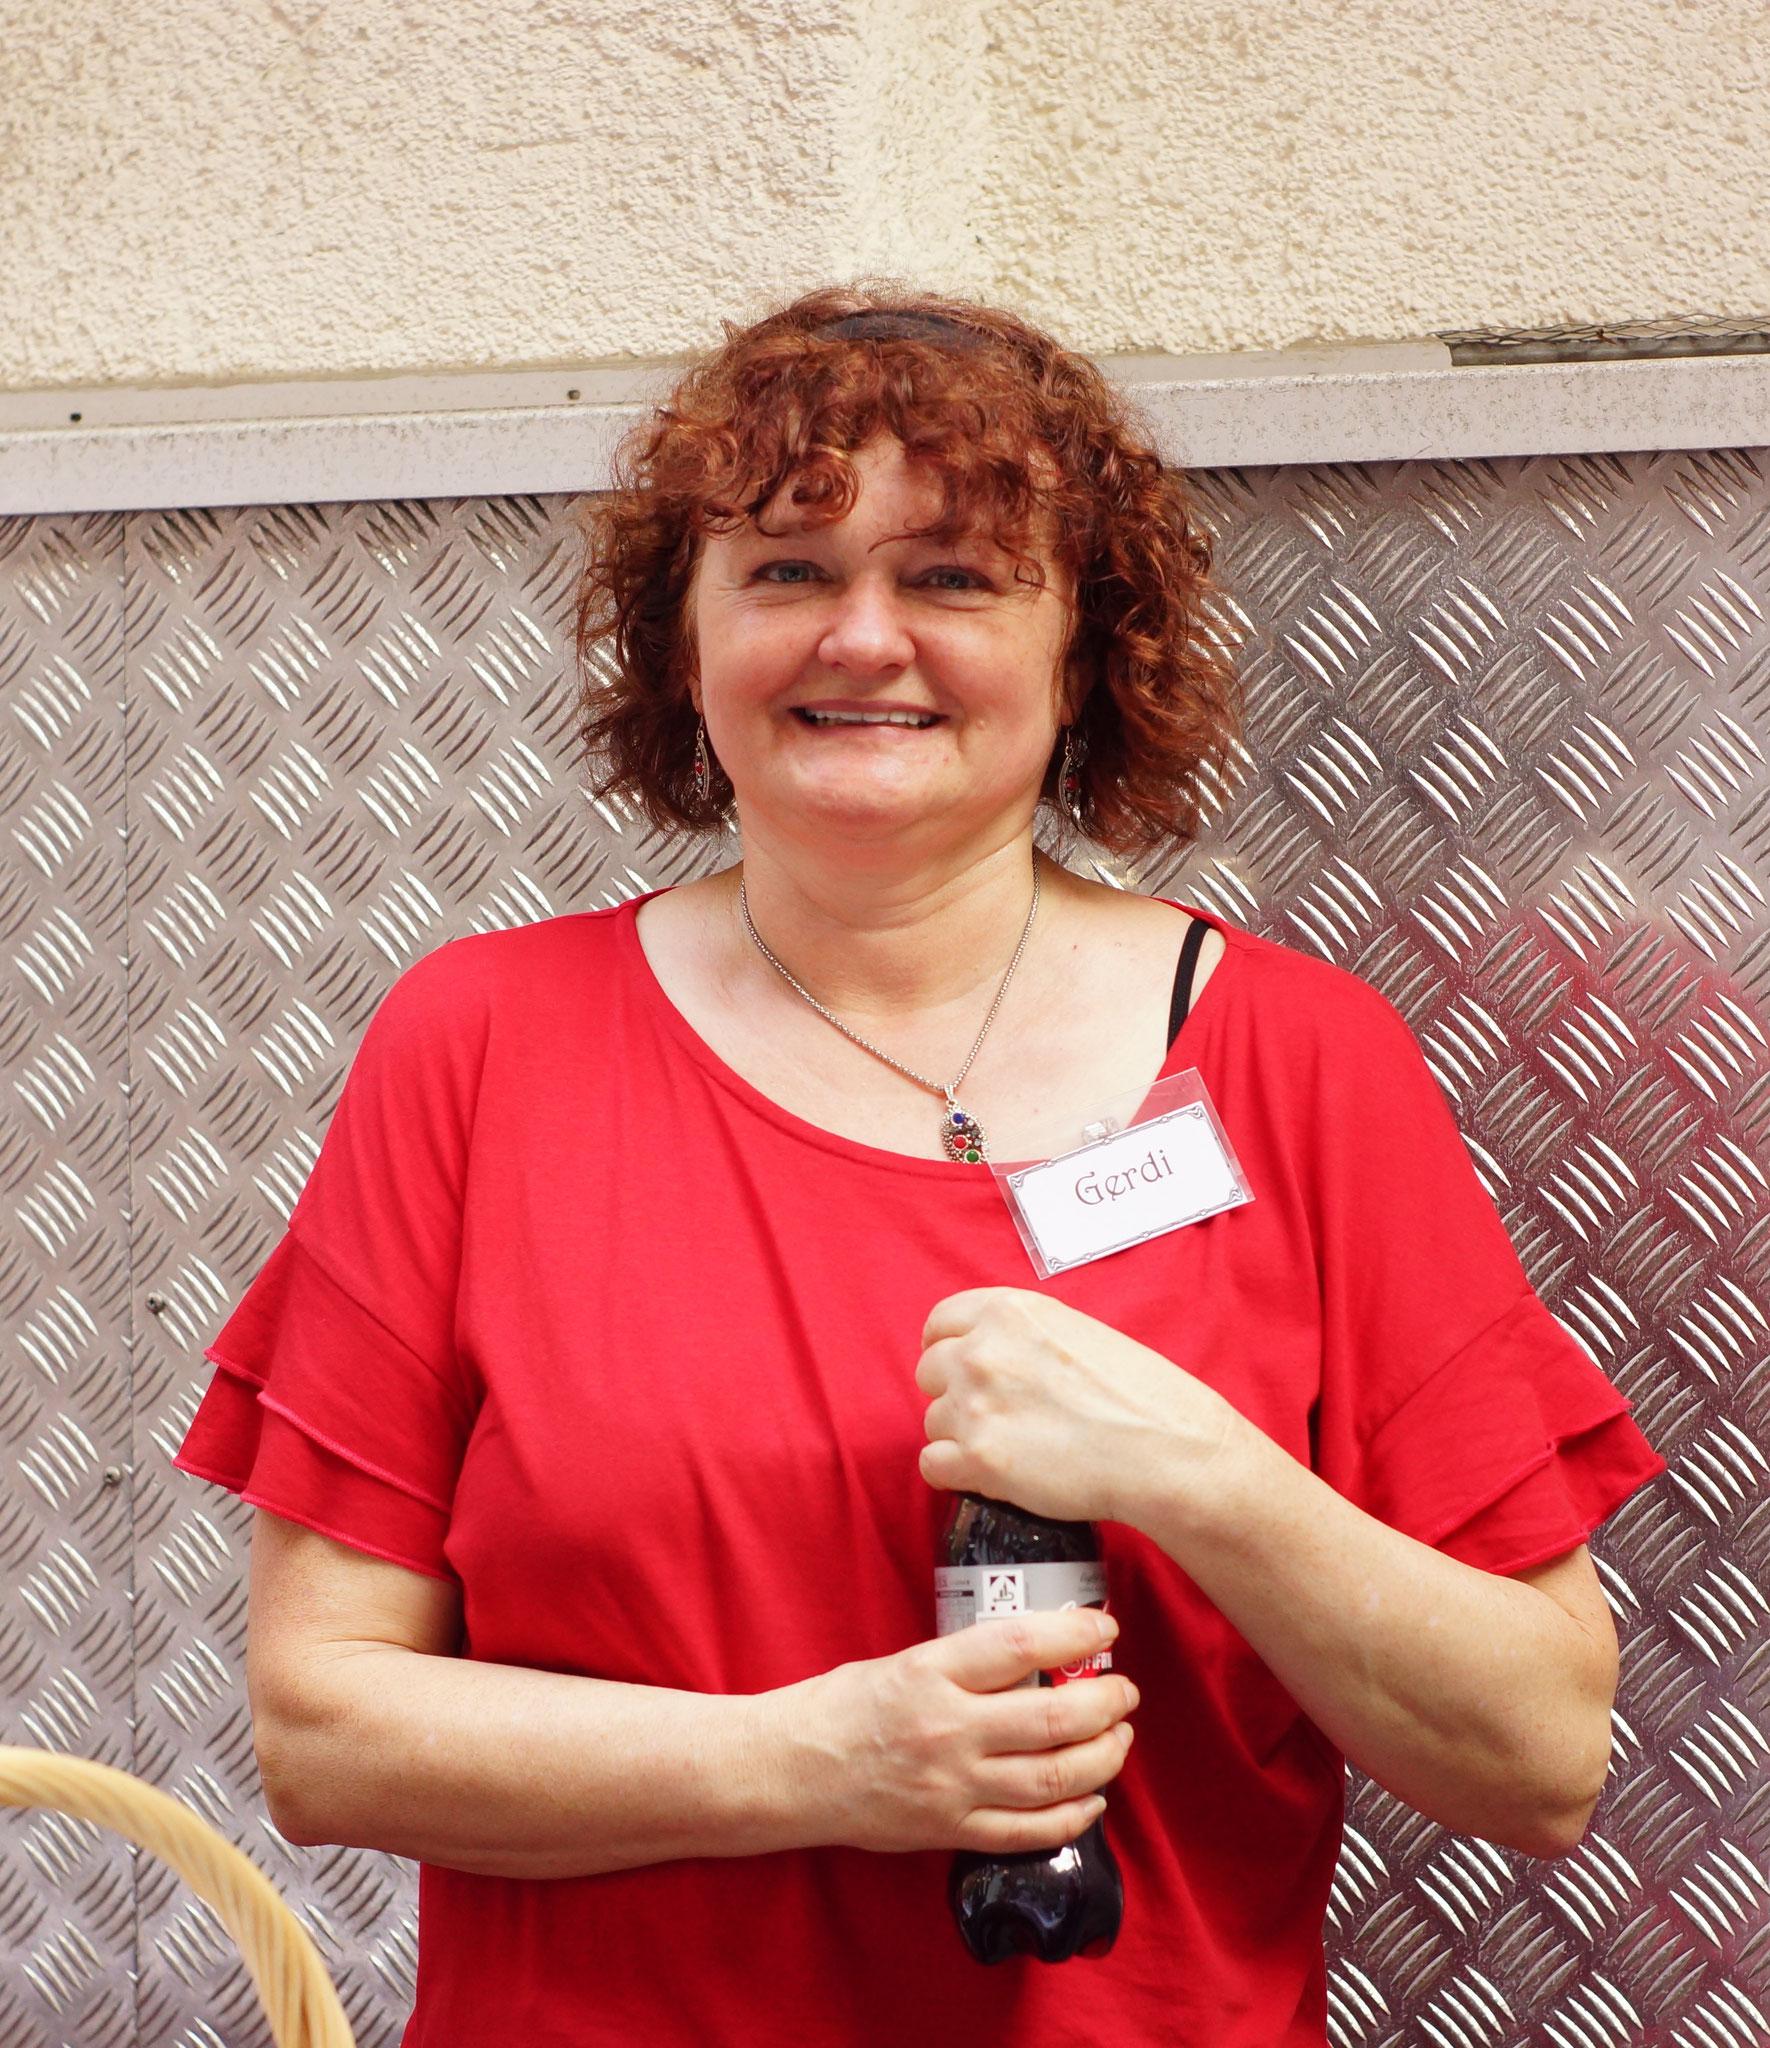 Unsere Ehrenamtlichen Helfer - Vielen Dank an Gerdi